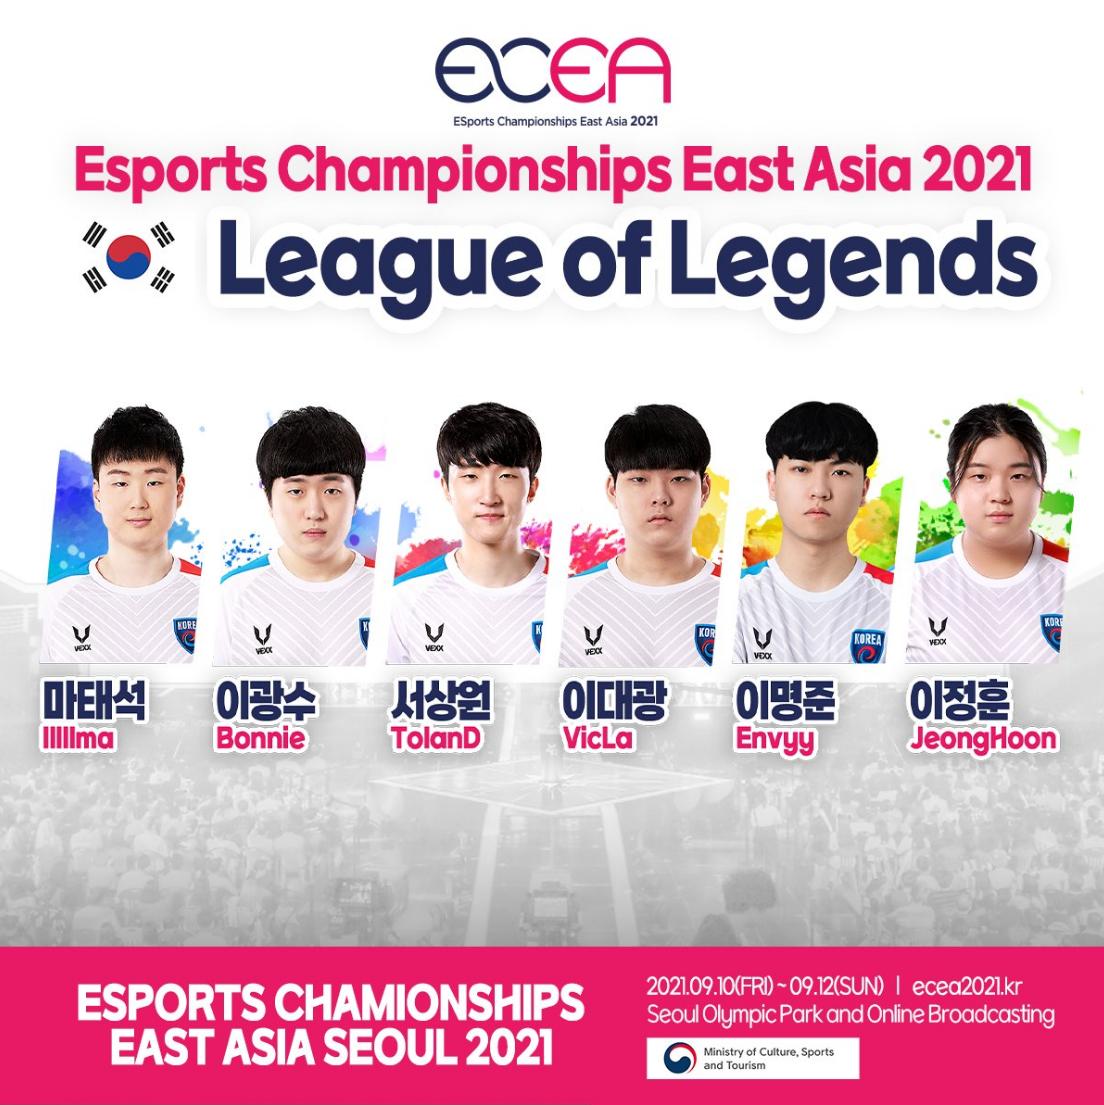 中日韩电子竞技大会韩国队阵容出炉:全部是次级联赛选手